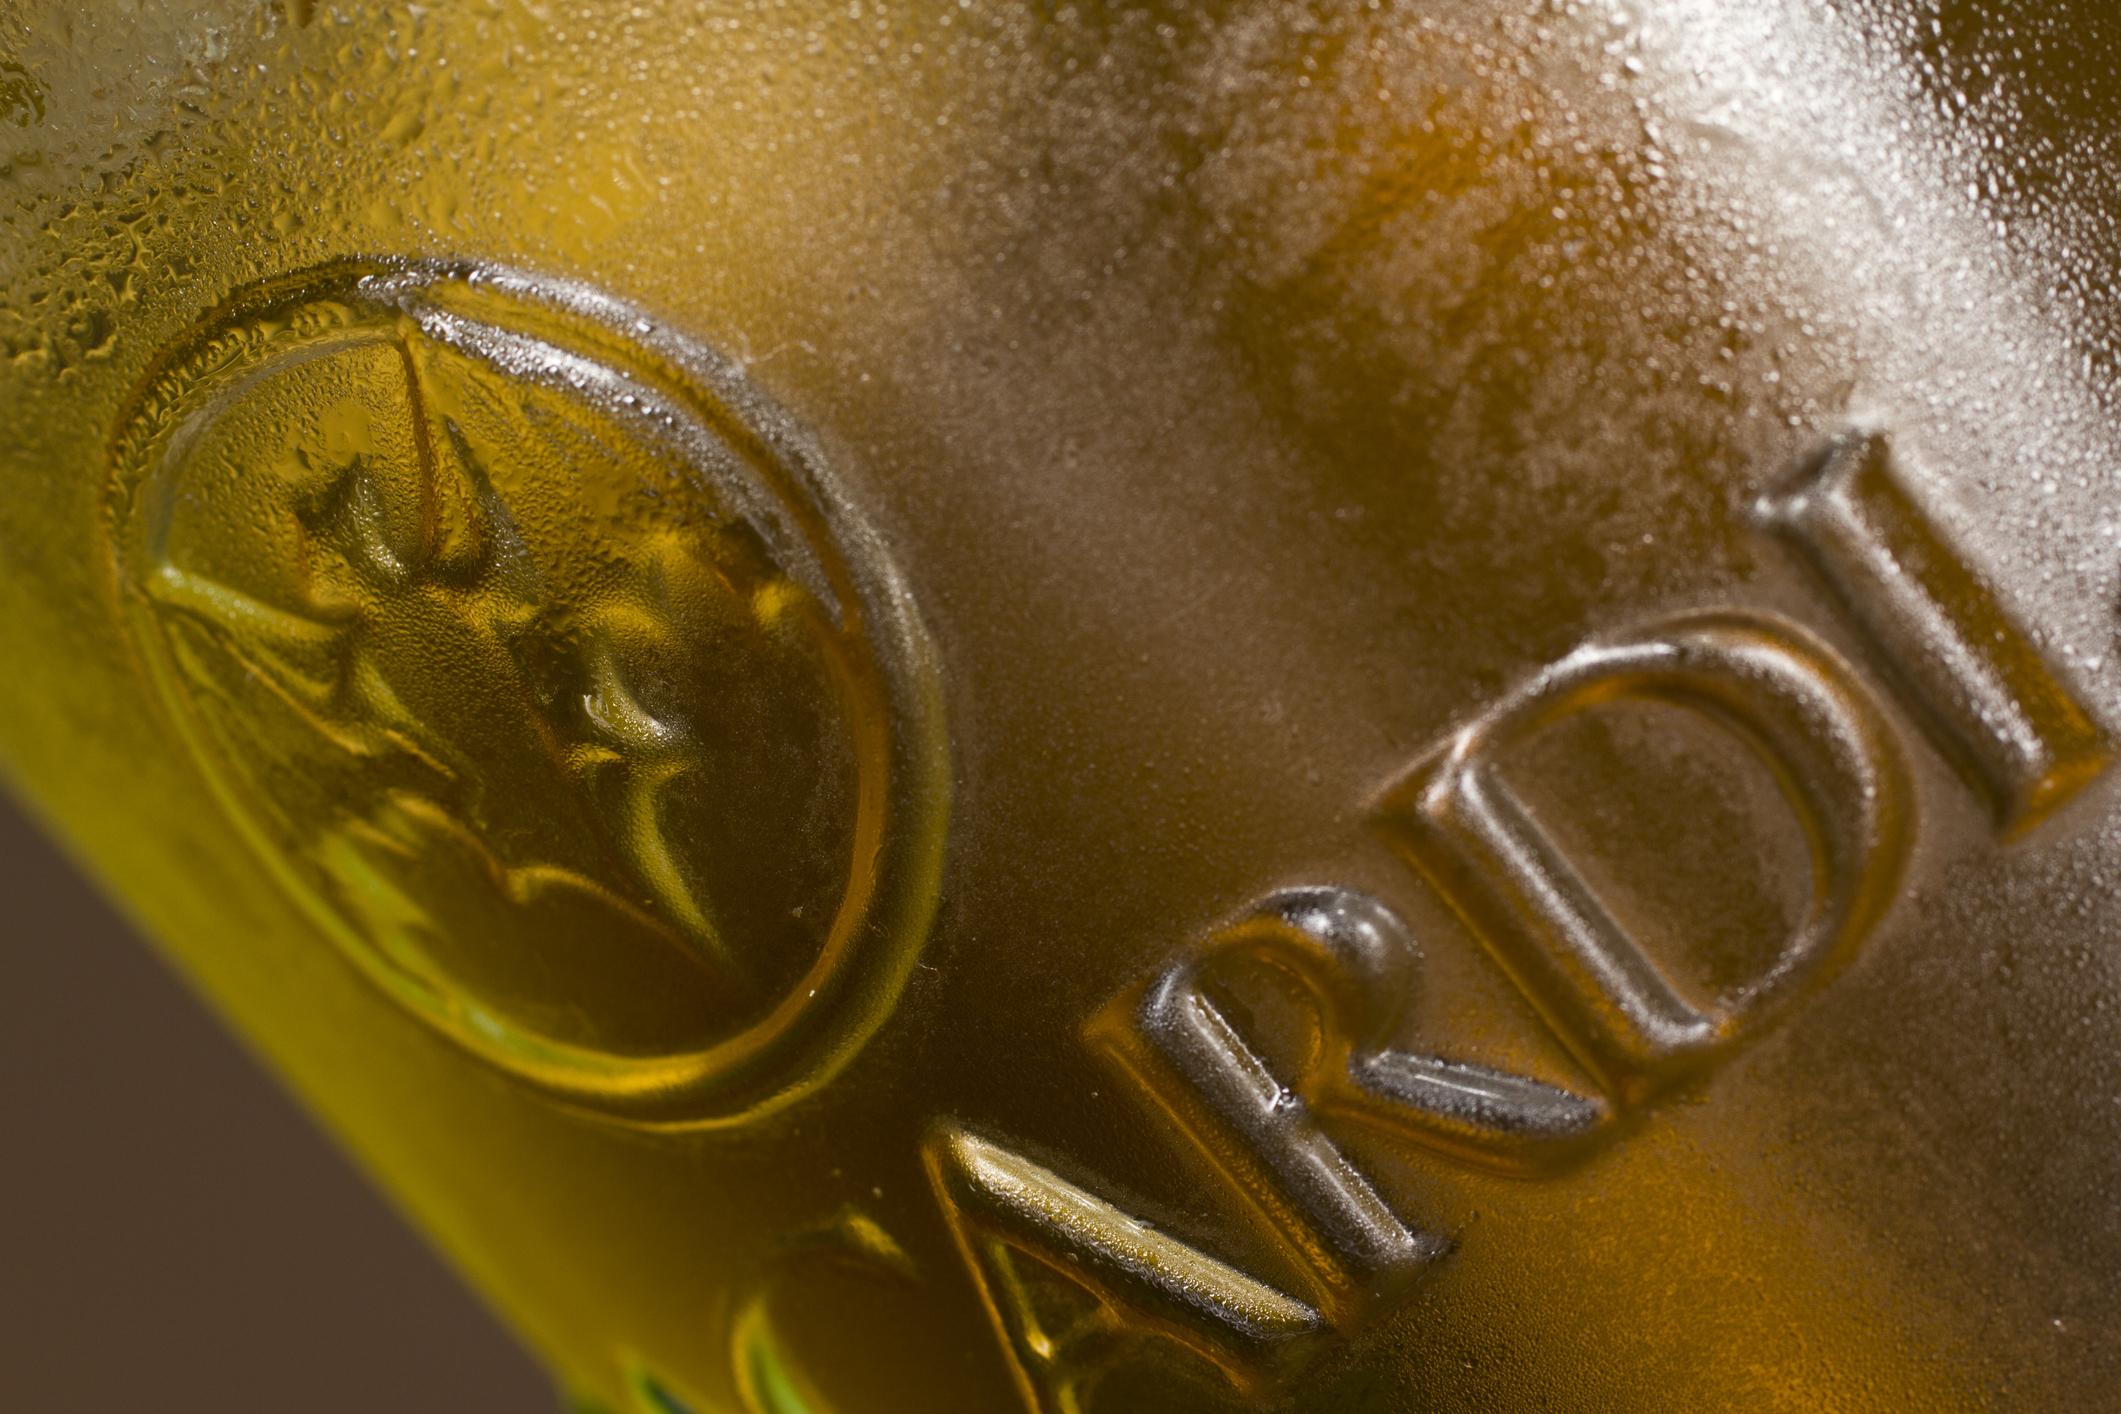 Bacardi's 'by women, for women' vodka is a pandemic-era branding blunder thumbnail